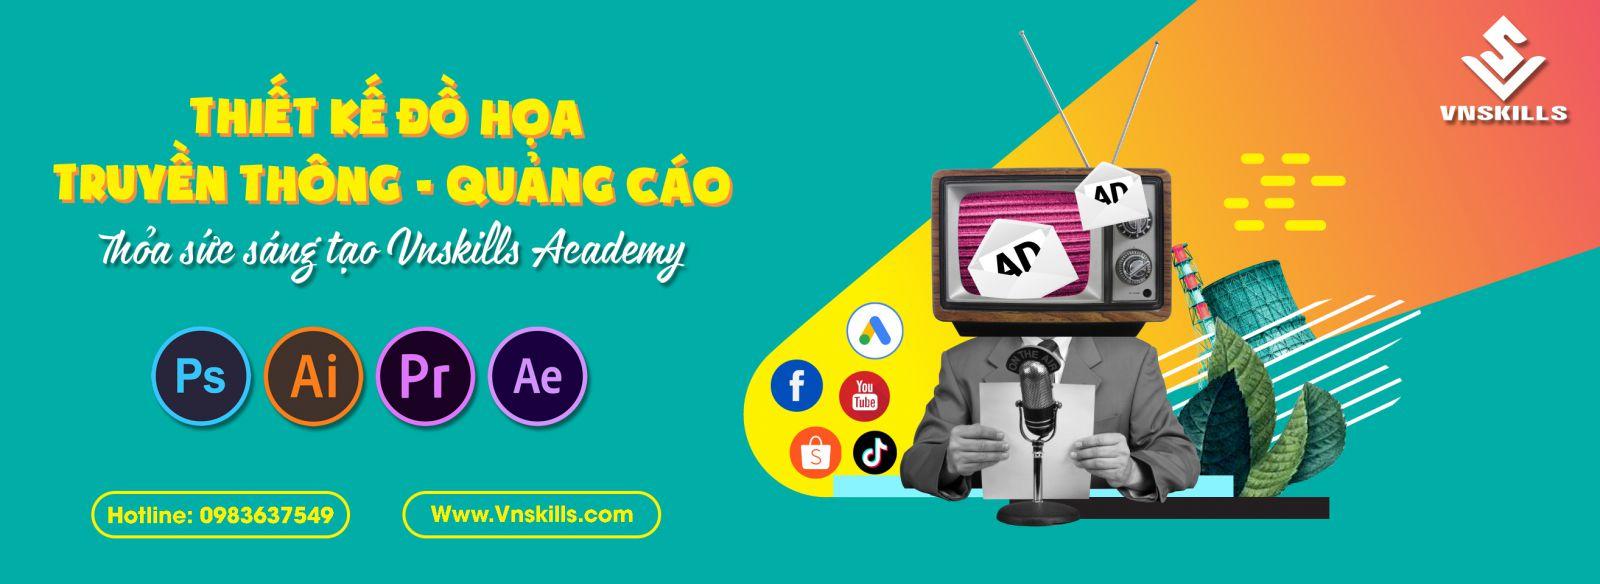 Khóa học Thiết kế đồ họa truyền thông quảng cáo